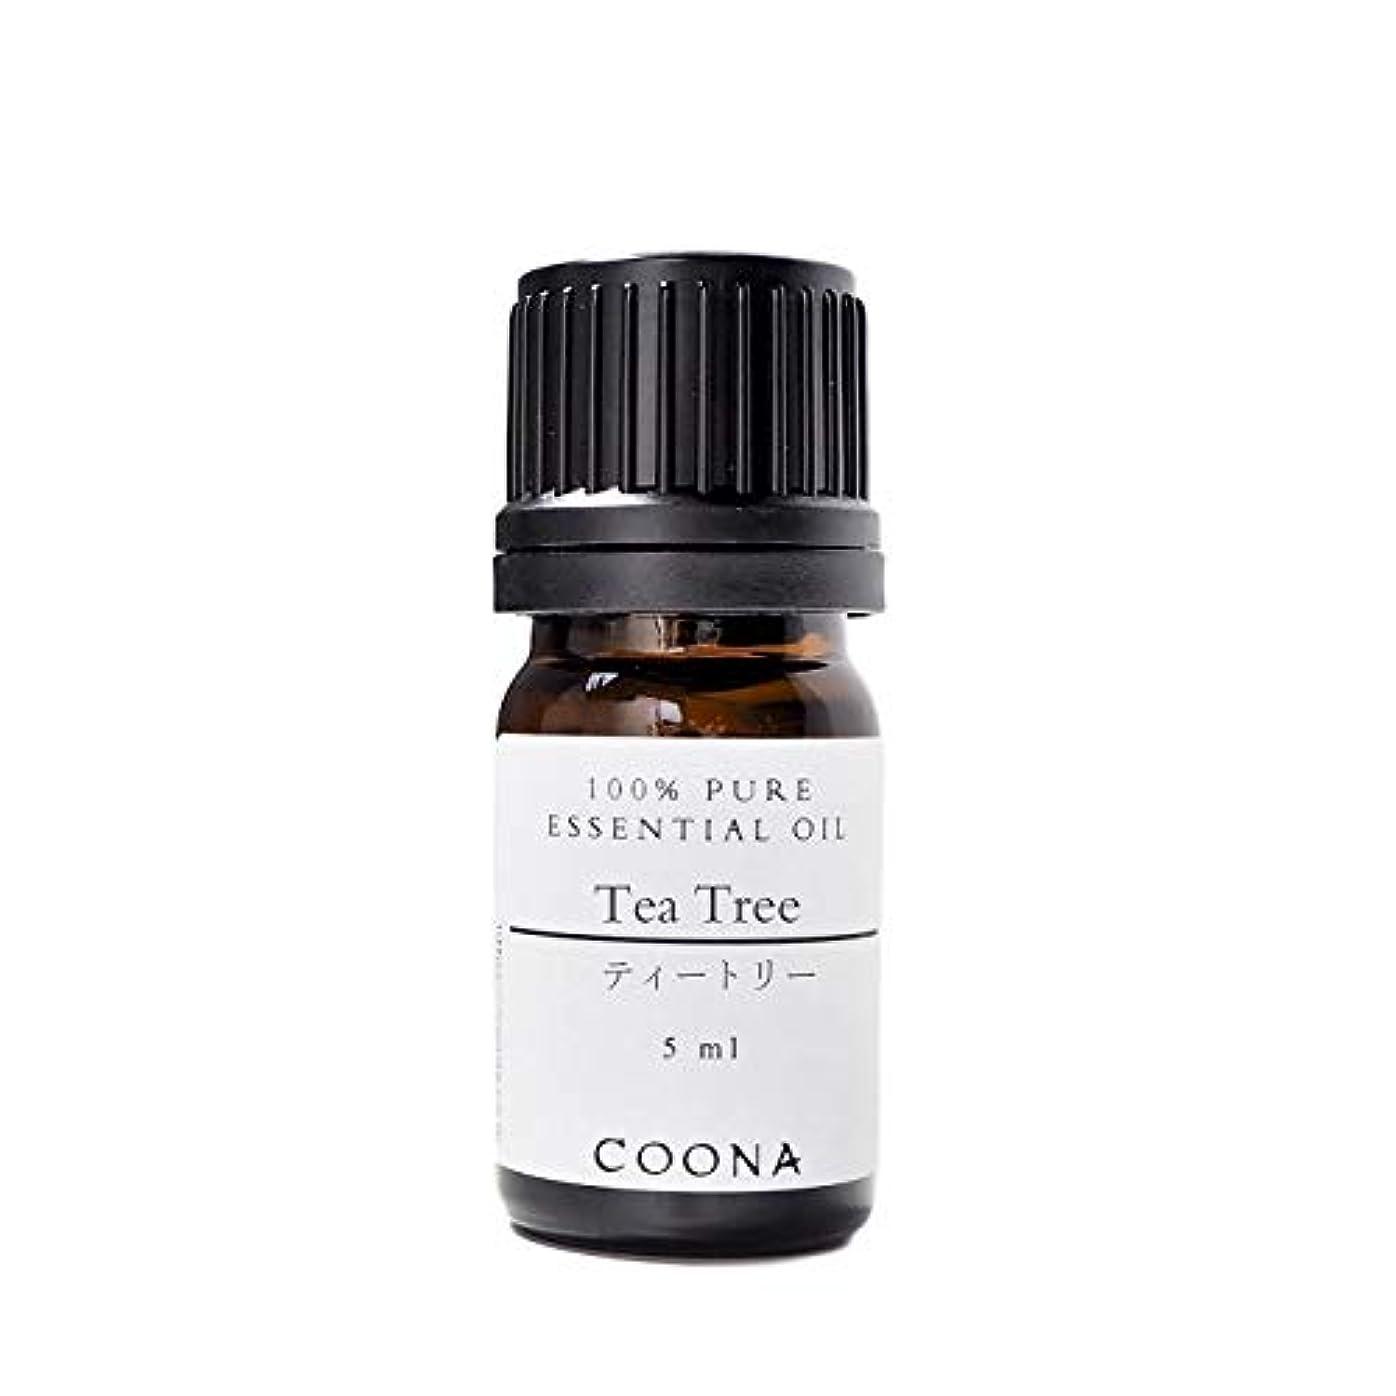 ファッション専門化するヘアティートリー 5 ml (COONA エッセンシャルオイル アロマオイル 100%天然植物精油)